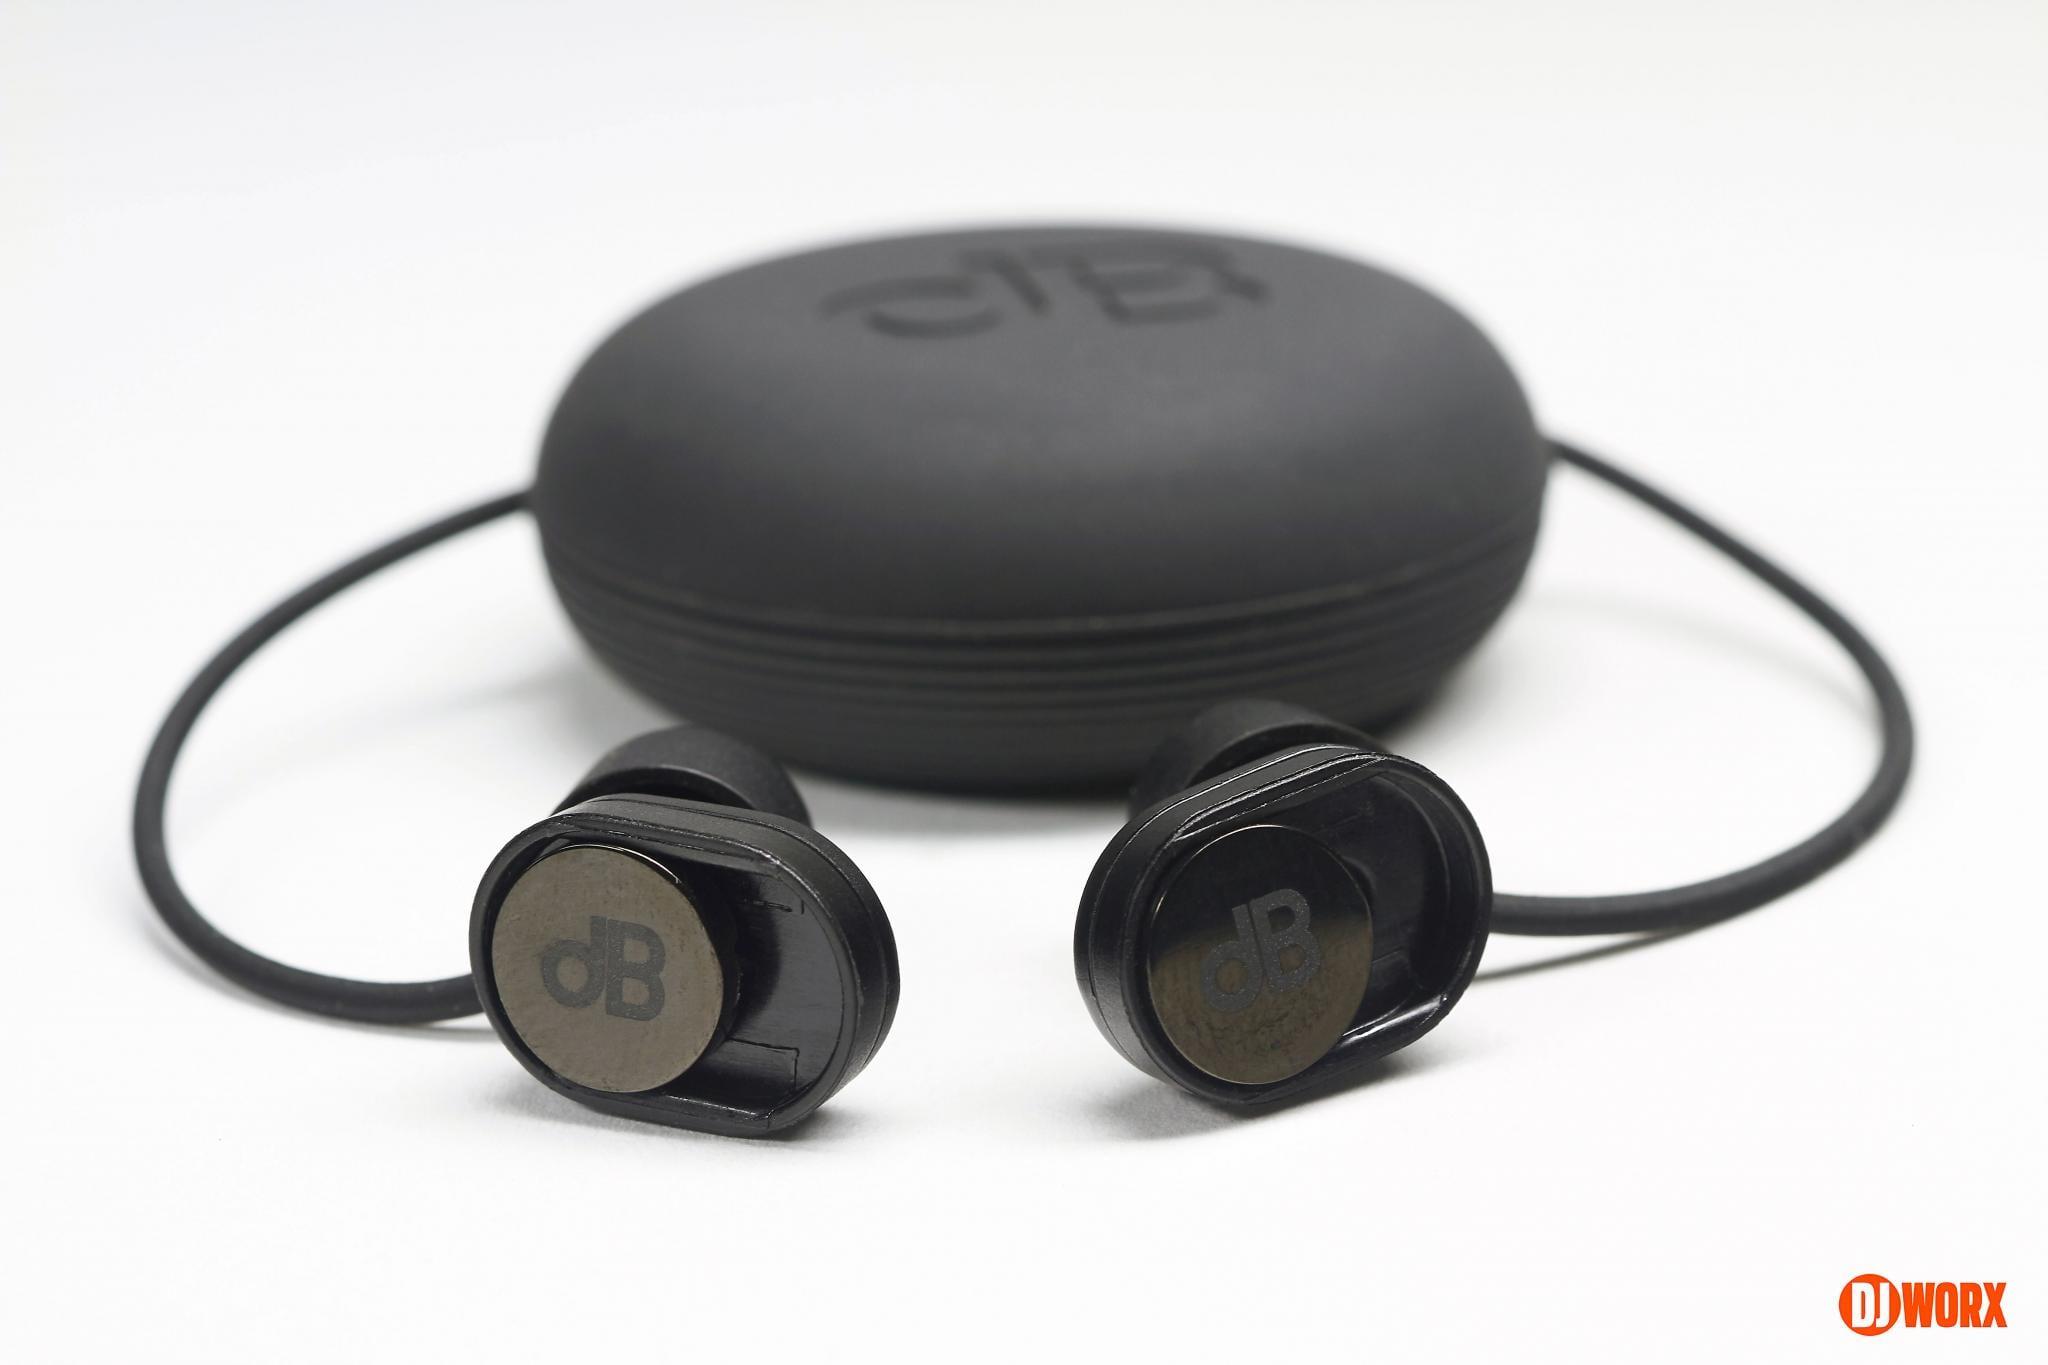 REVIEW: EarLabs dBud Volume Adjustable Earplugs 4